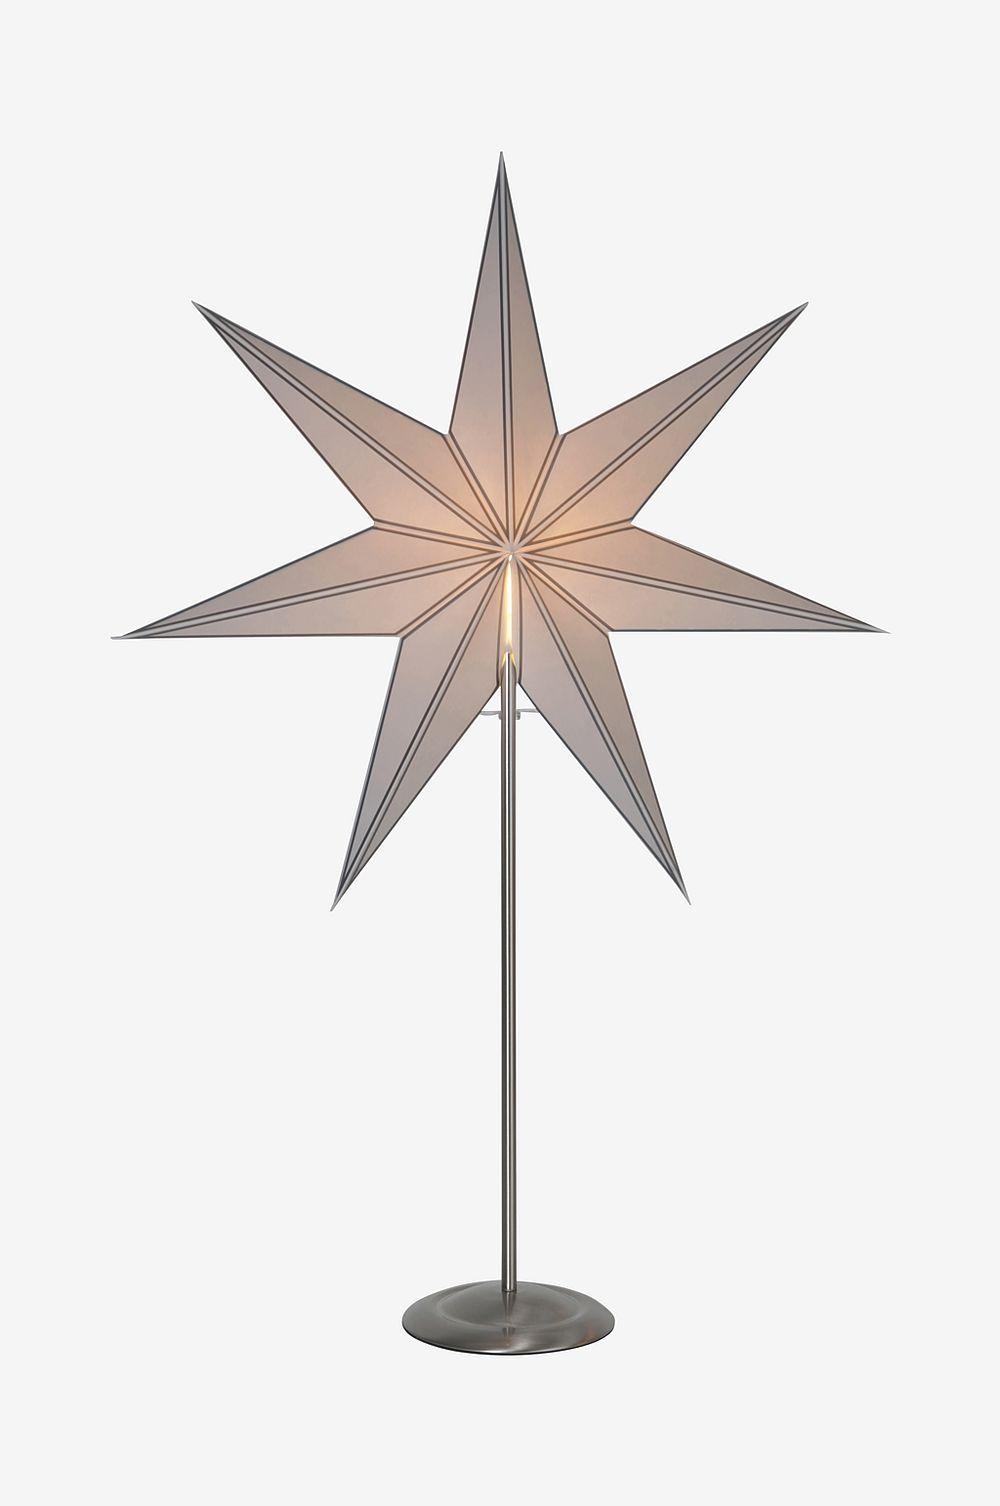 Stjerne med messingfot for innendørsbruk. Gjør seg veldig bra i et vindu og på et bord. Sprer koselig stemning i hjemmet.  Bredde 60, høyde 88, dybde 16 cm. 1,8 m ledning med strømbryter.